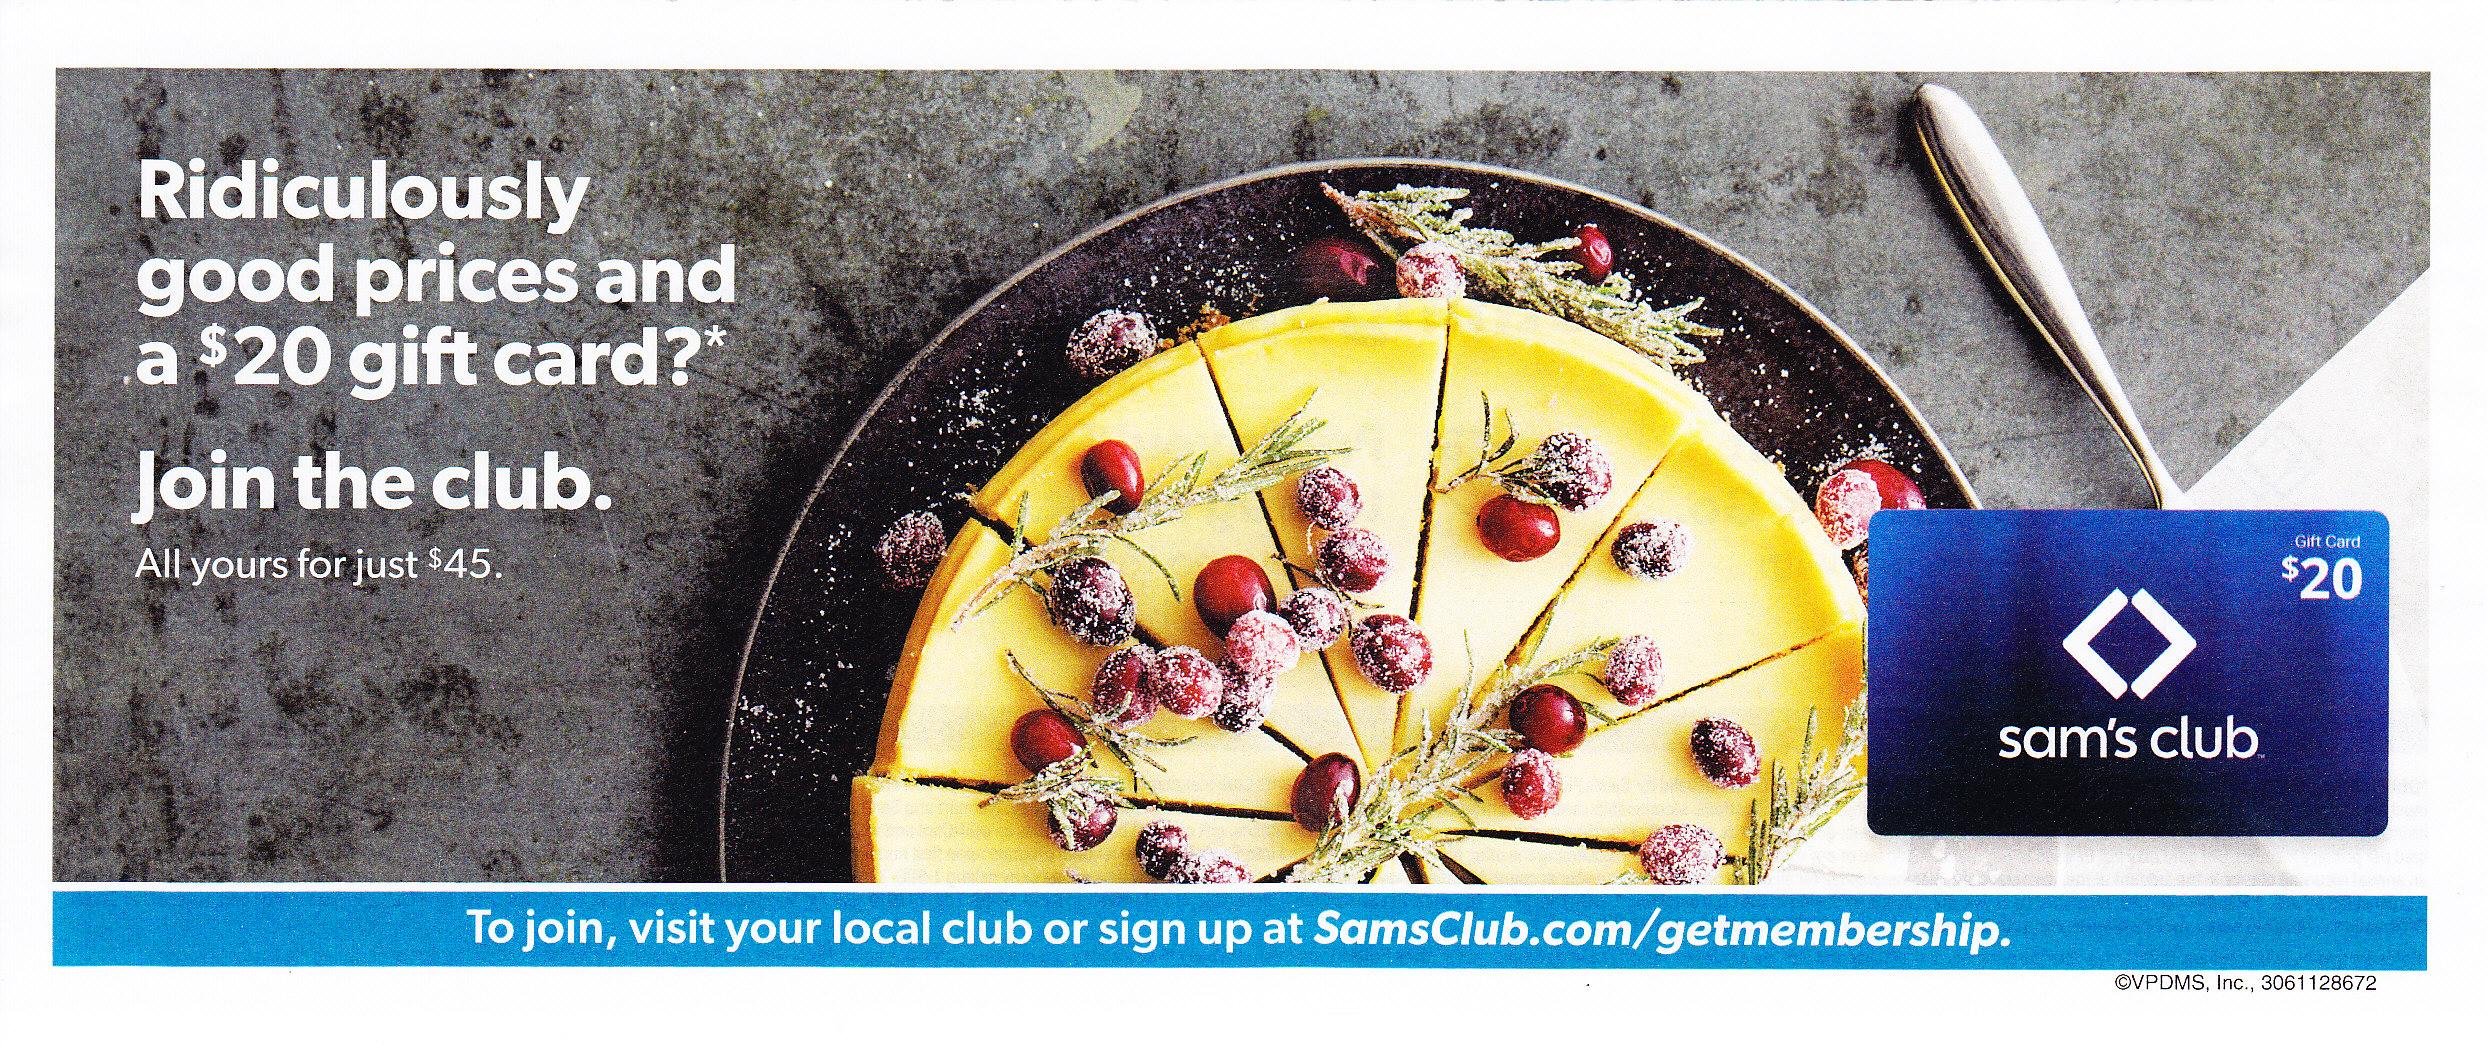 Sam's Club Membership - $45 gets $20 giftcard